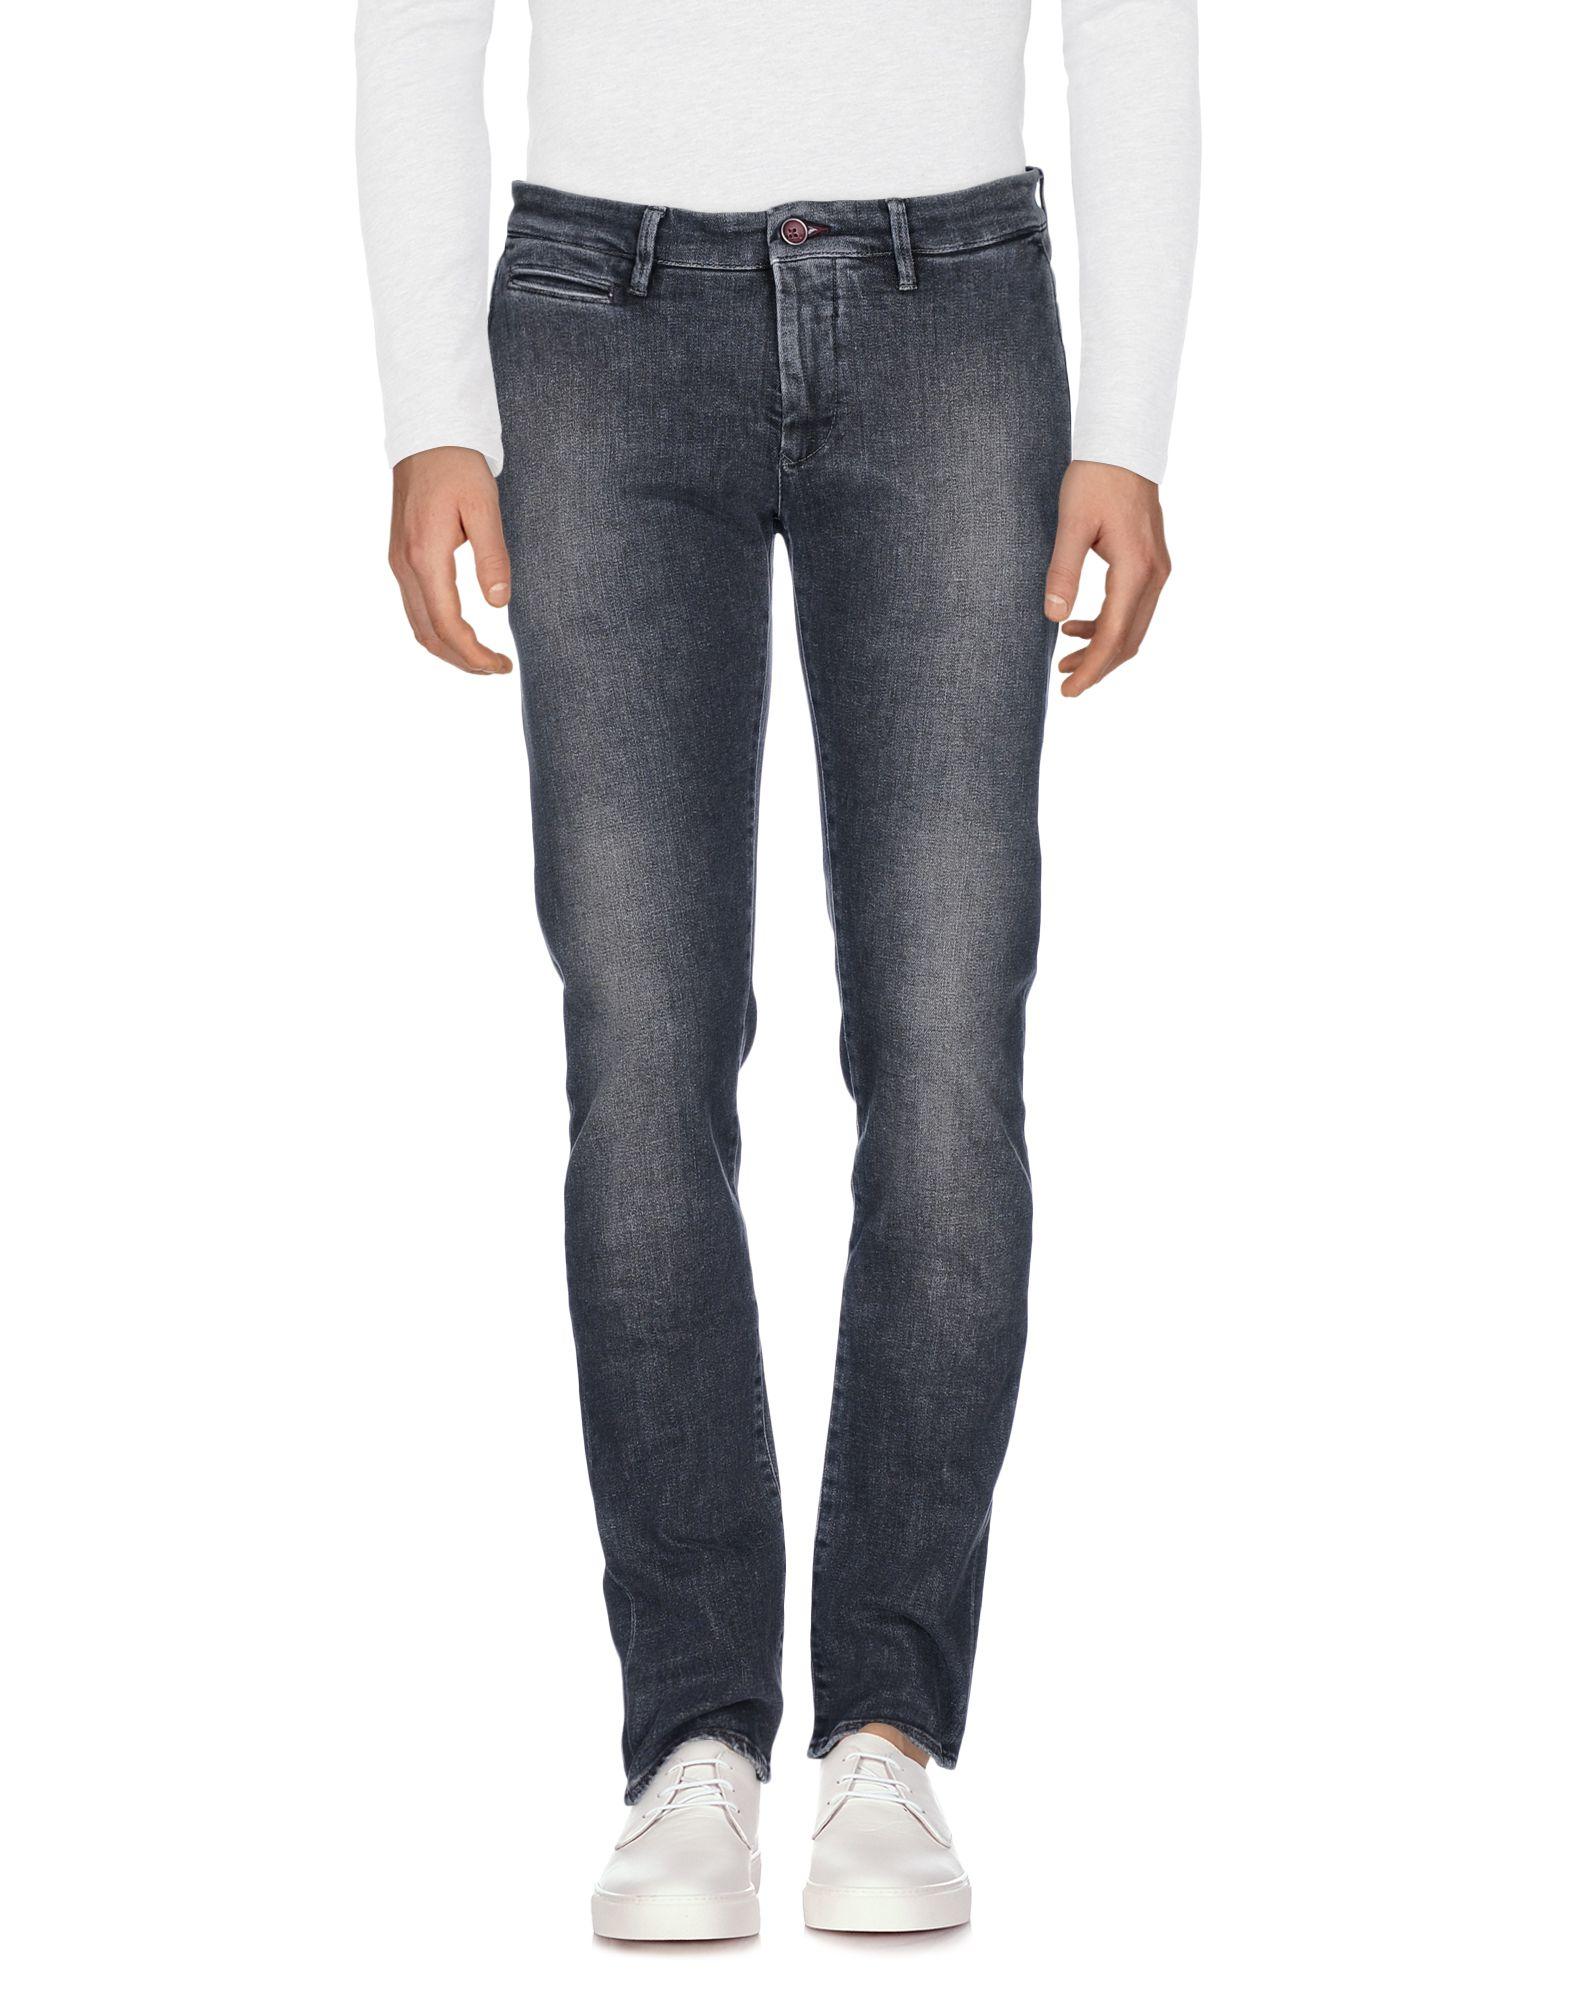 SIVIGLIA Herren Jeanshose Farbe Schwarz Größe 5